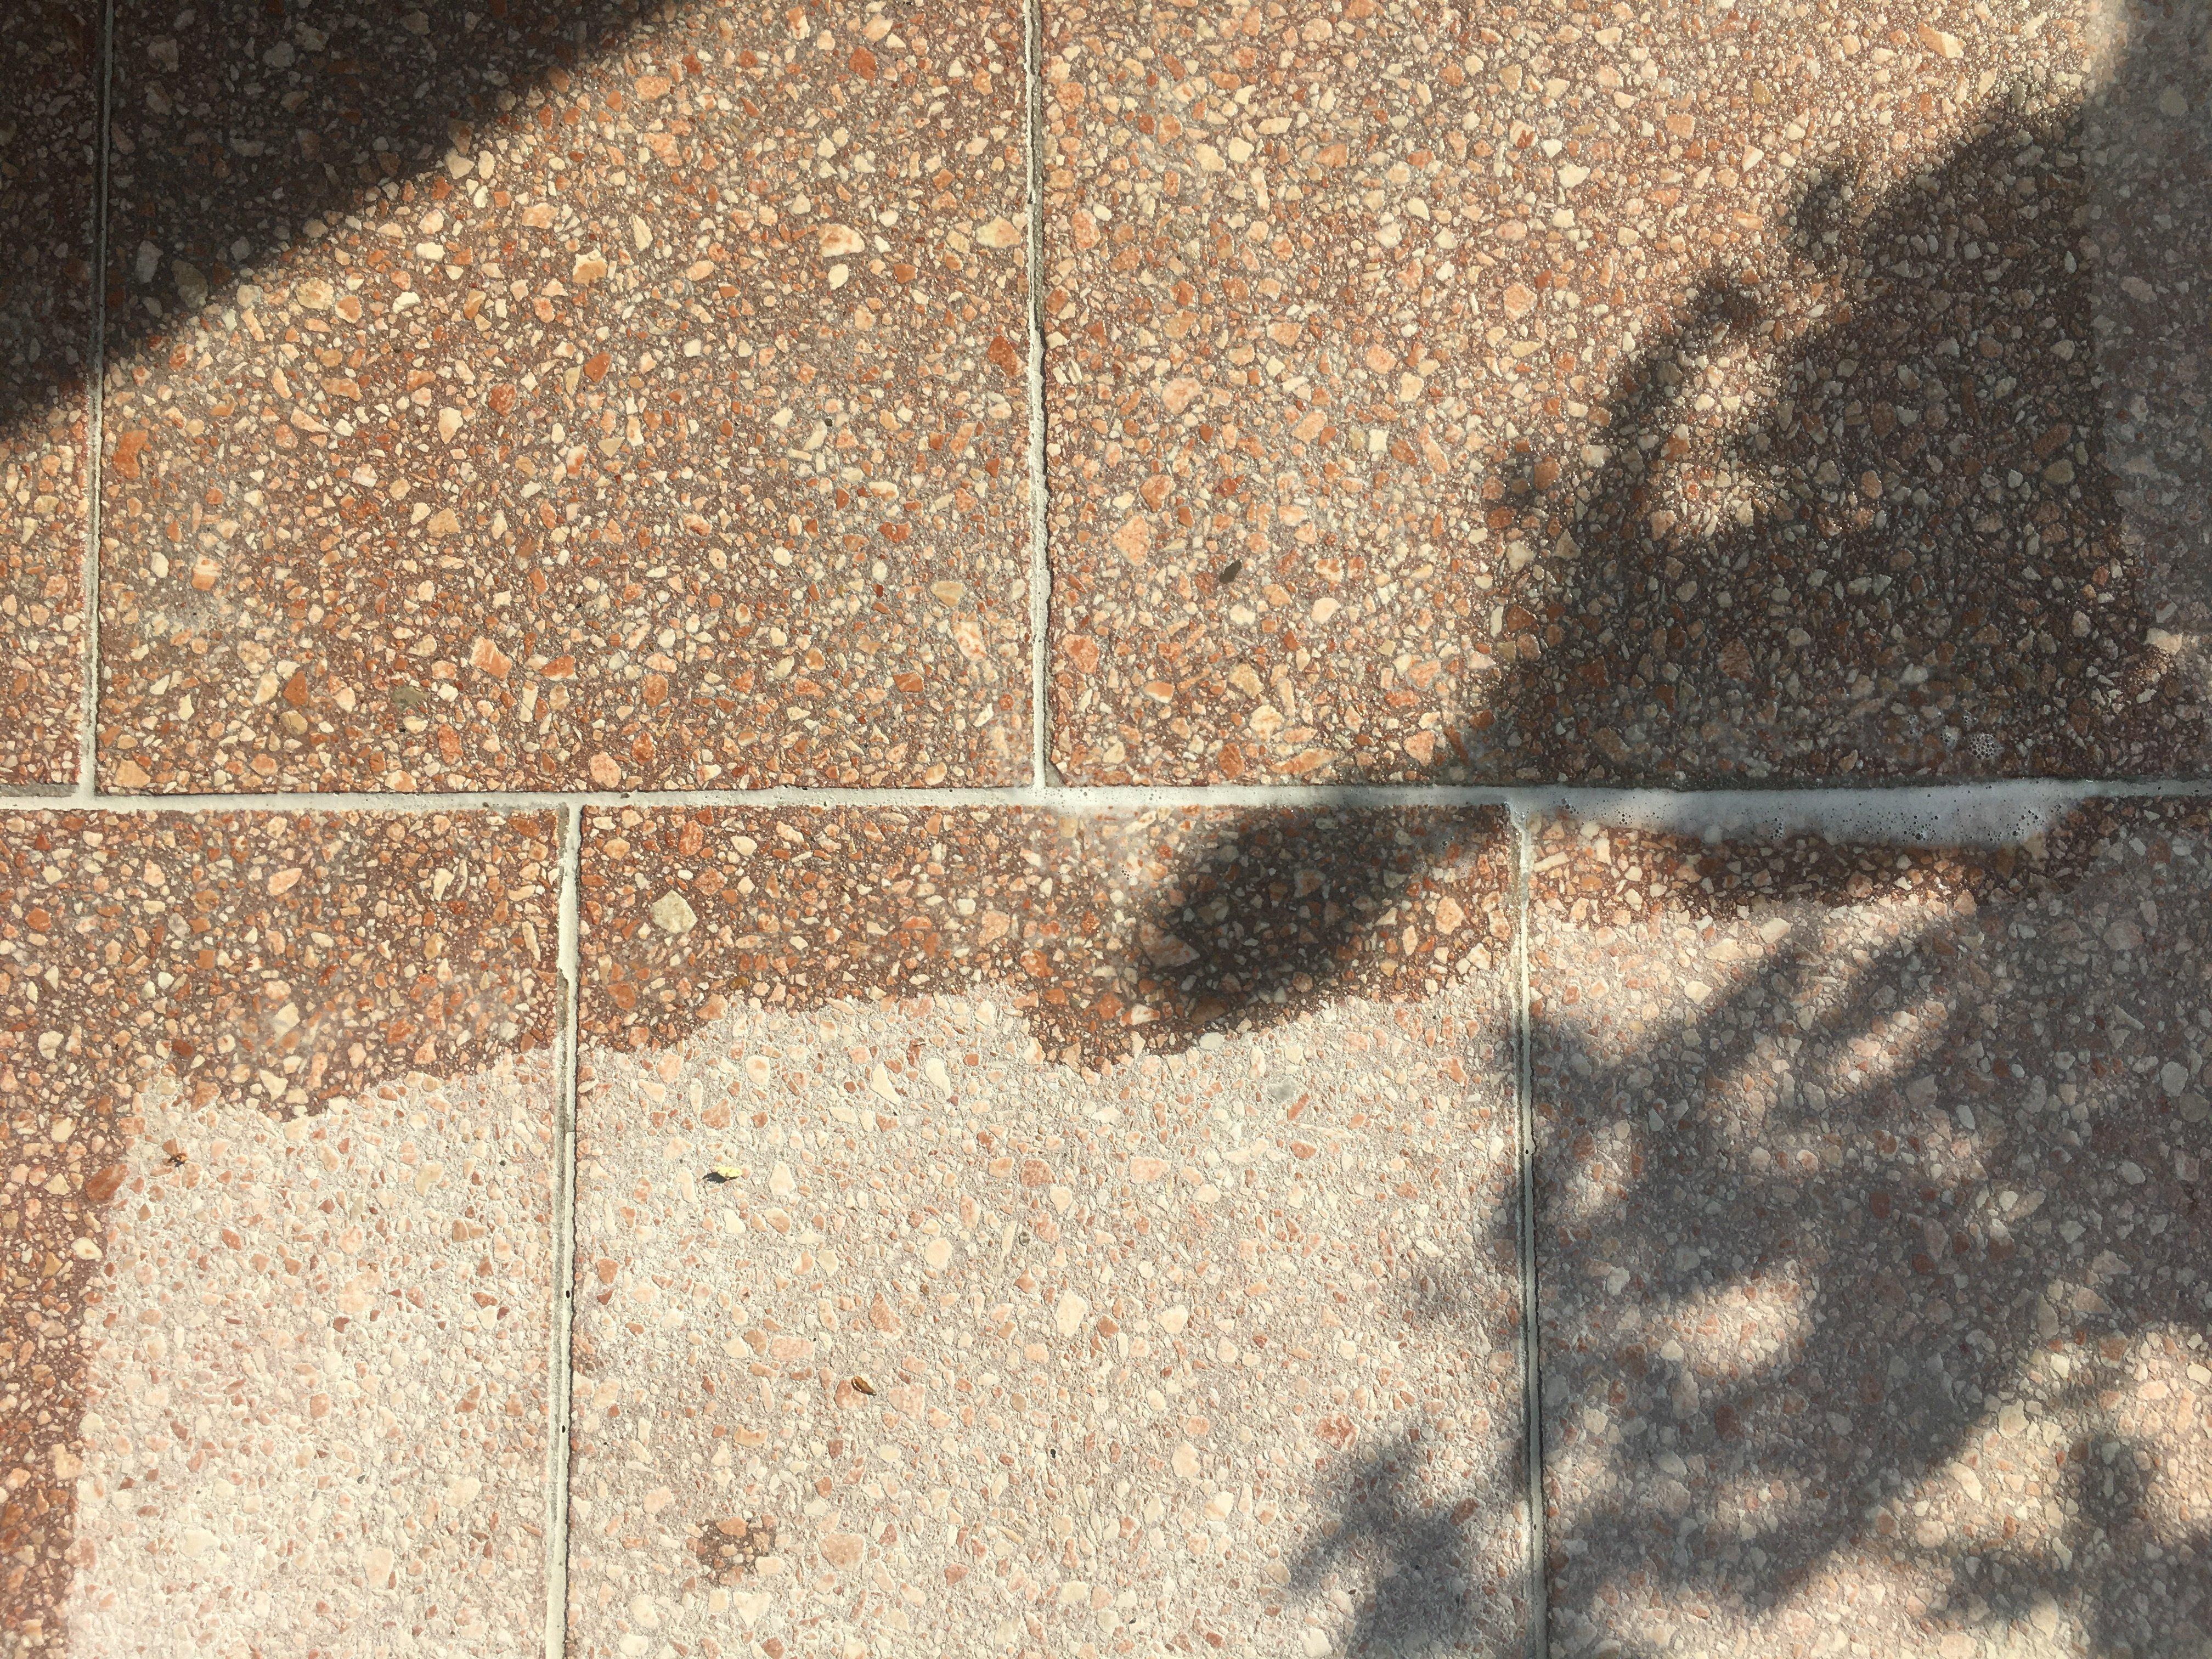 Sehr Steinreinigung: Steine reinigen in Innen- und Außenbereichen SM94